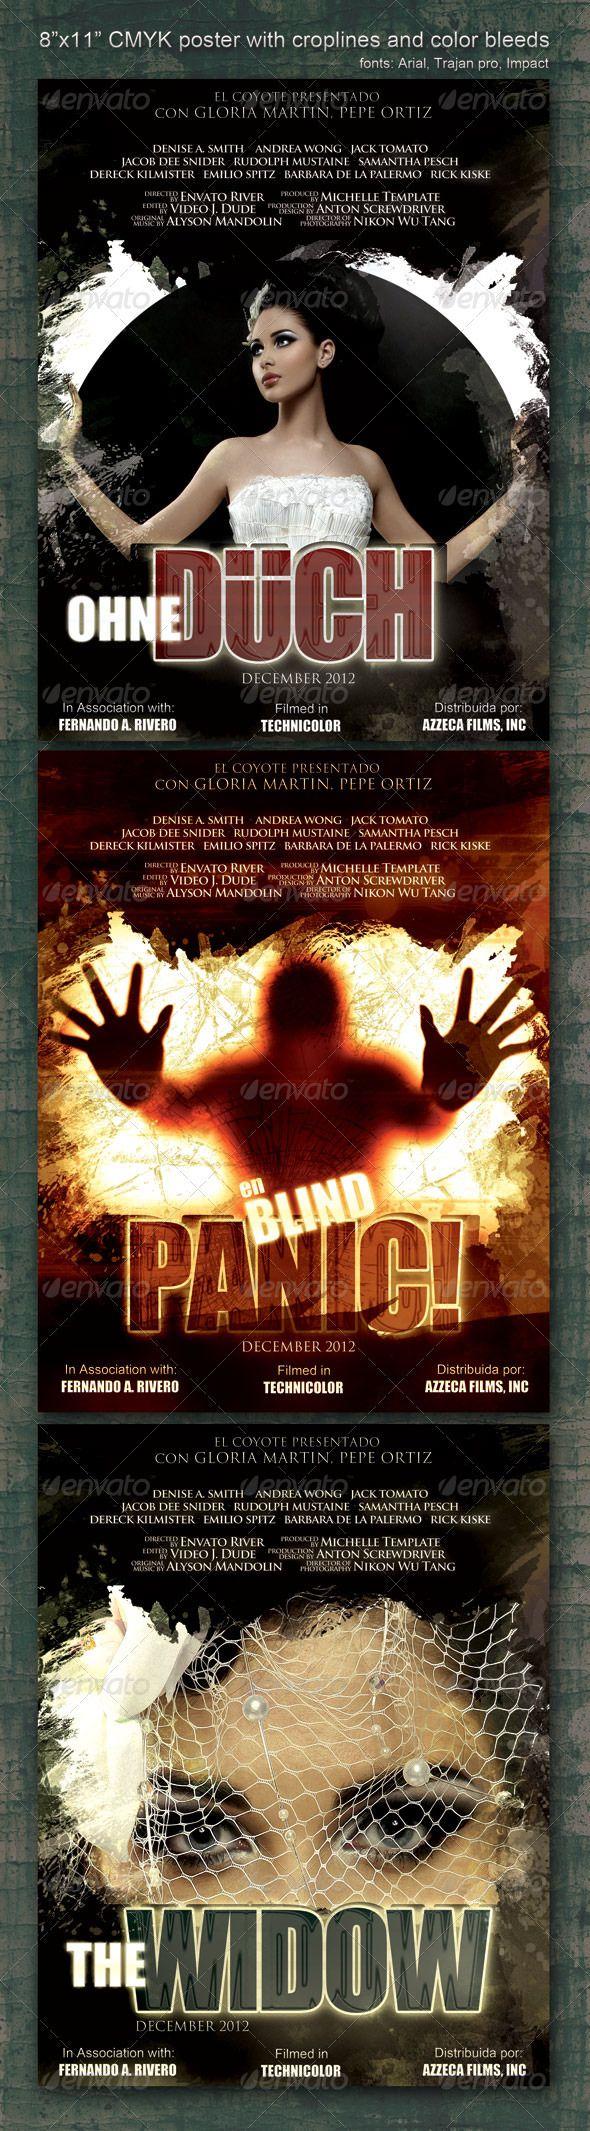 8 5x11 poster design - 8 5 X11 Poster Panic